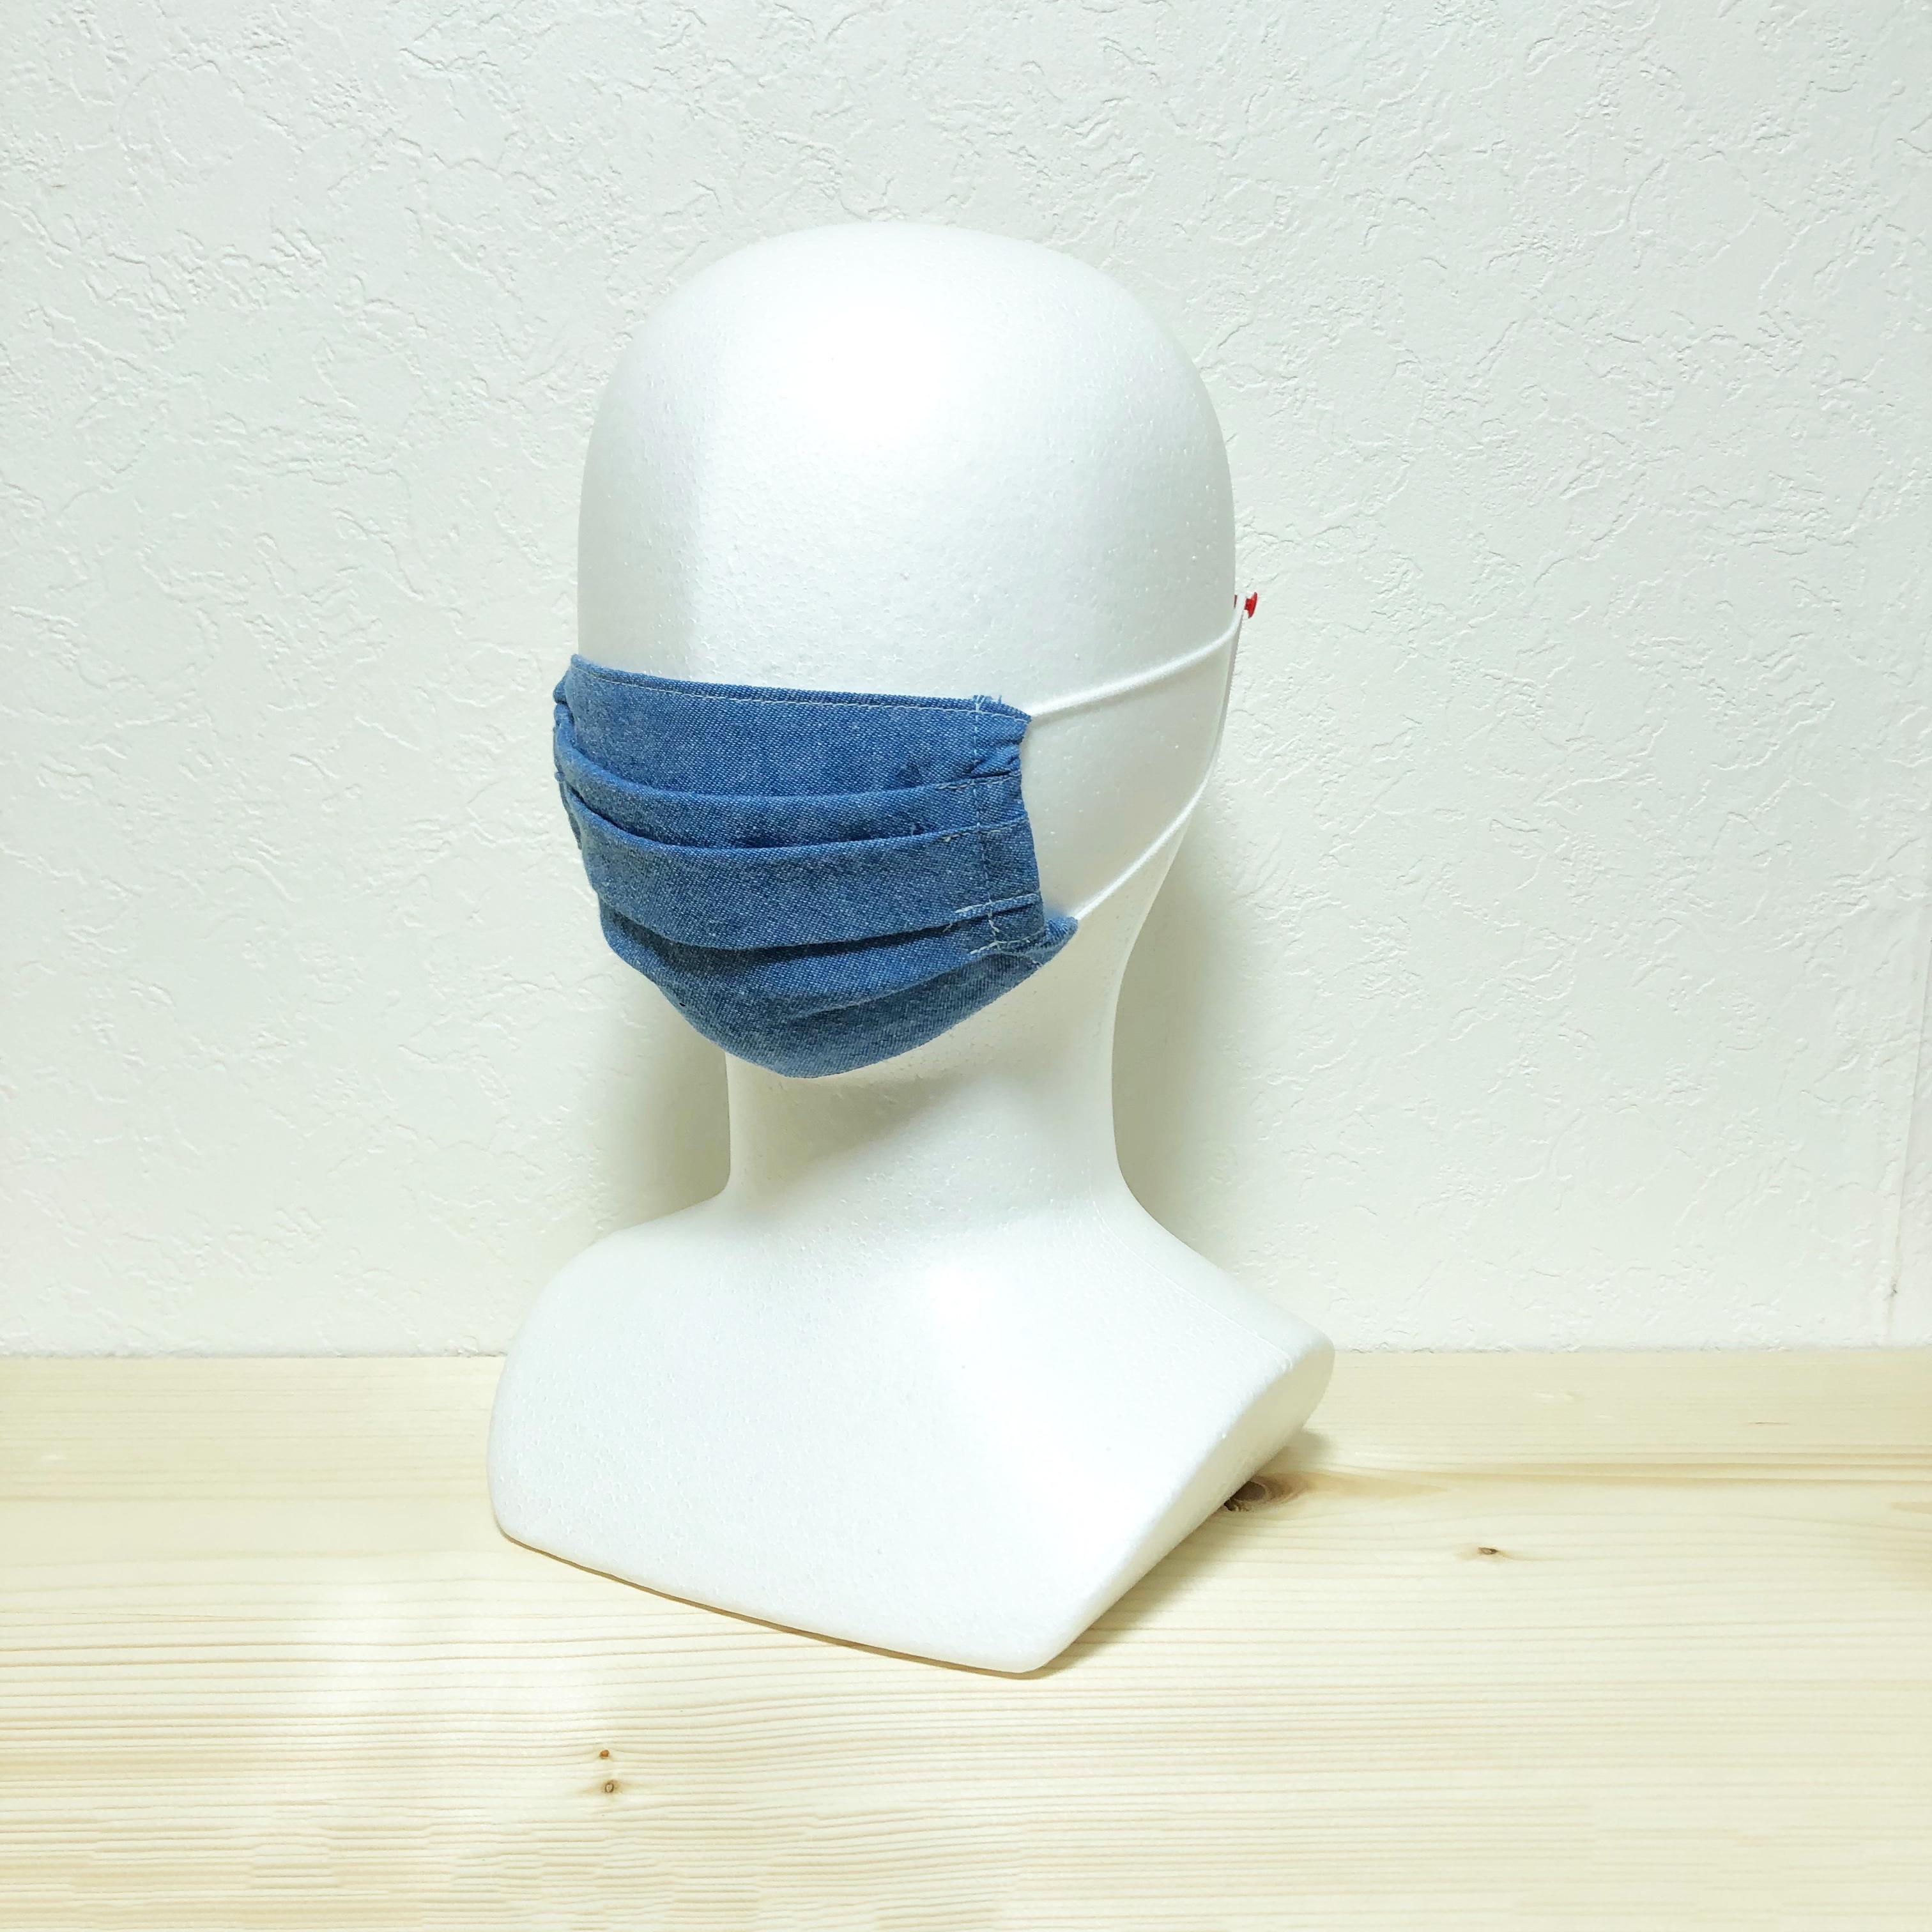 エチケットマスク プリーツタイプ デニムマスク ブルー デニム 大人サイズ マスク用ゴム紐使用